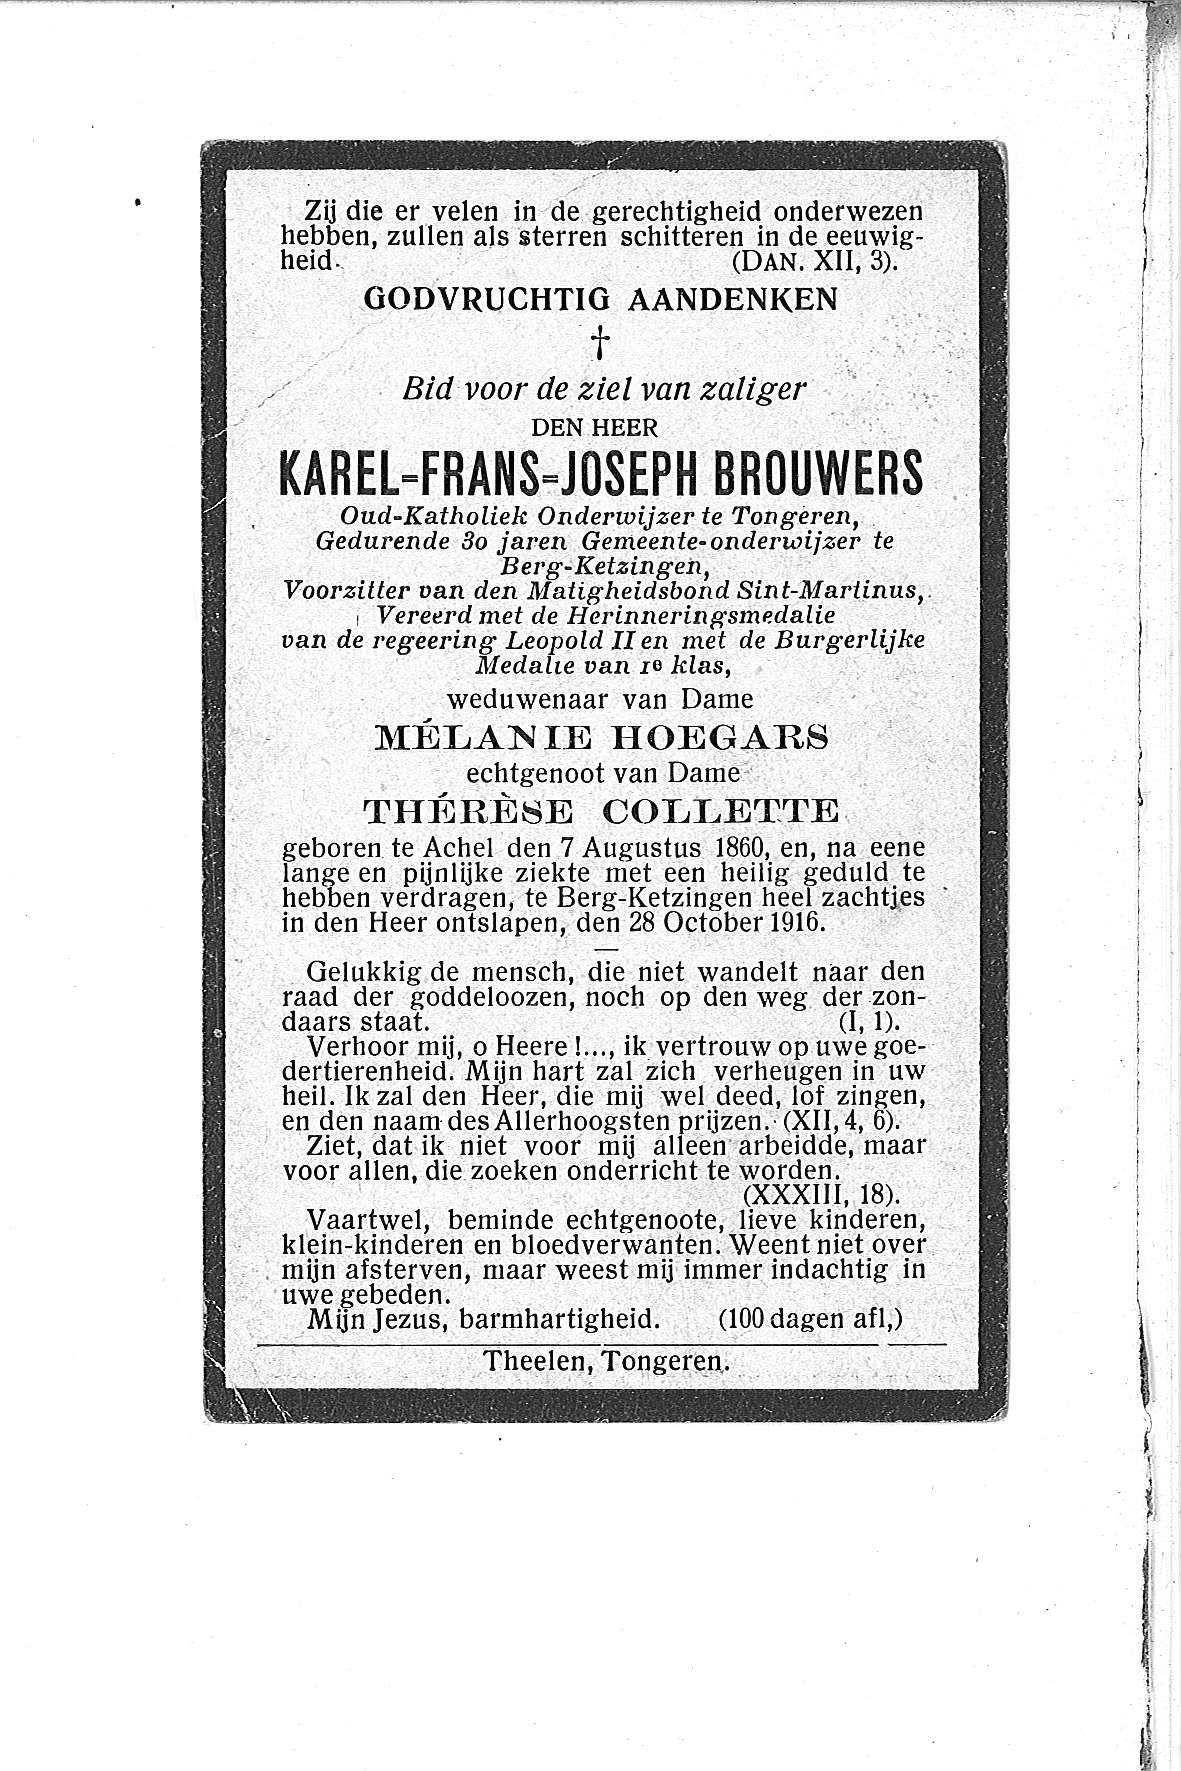 Karel-Frans-Joseph (1916) 20110805165022_00082.jpg